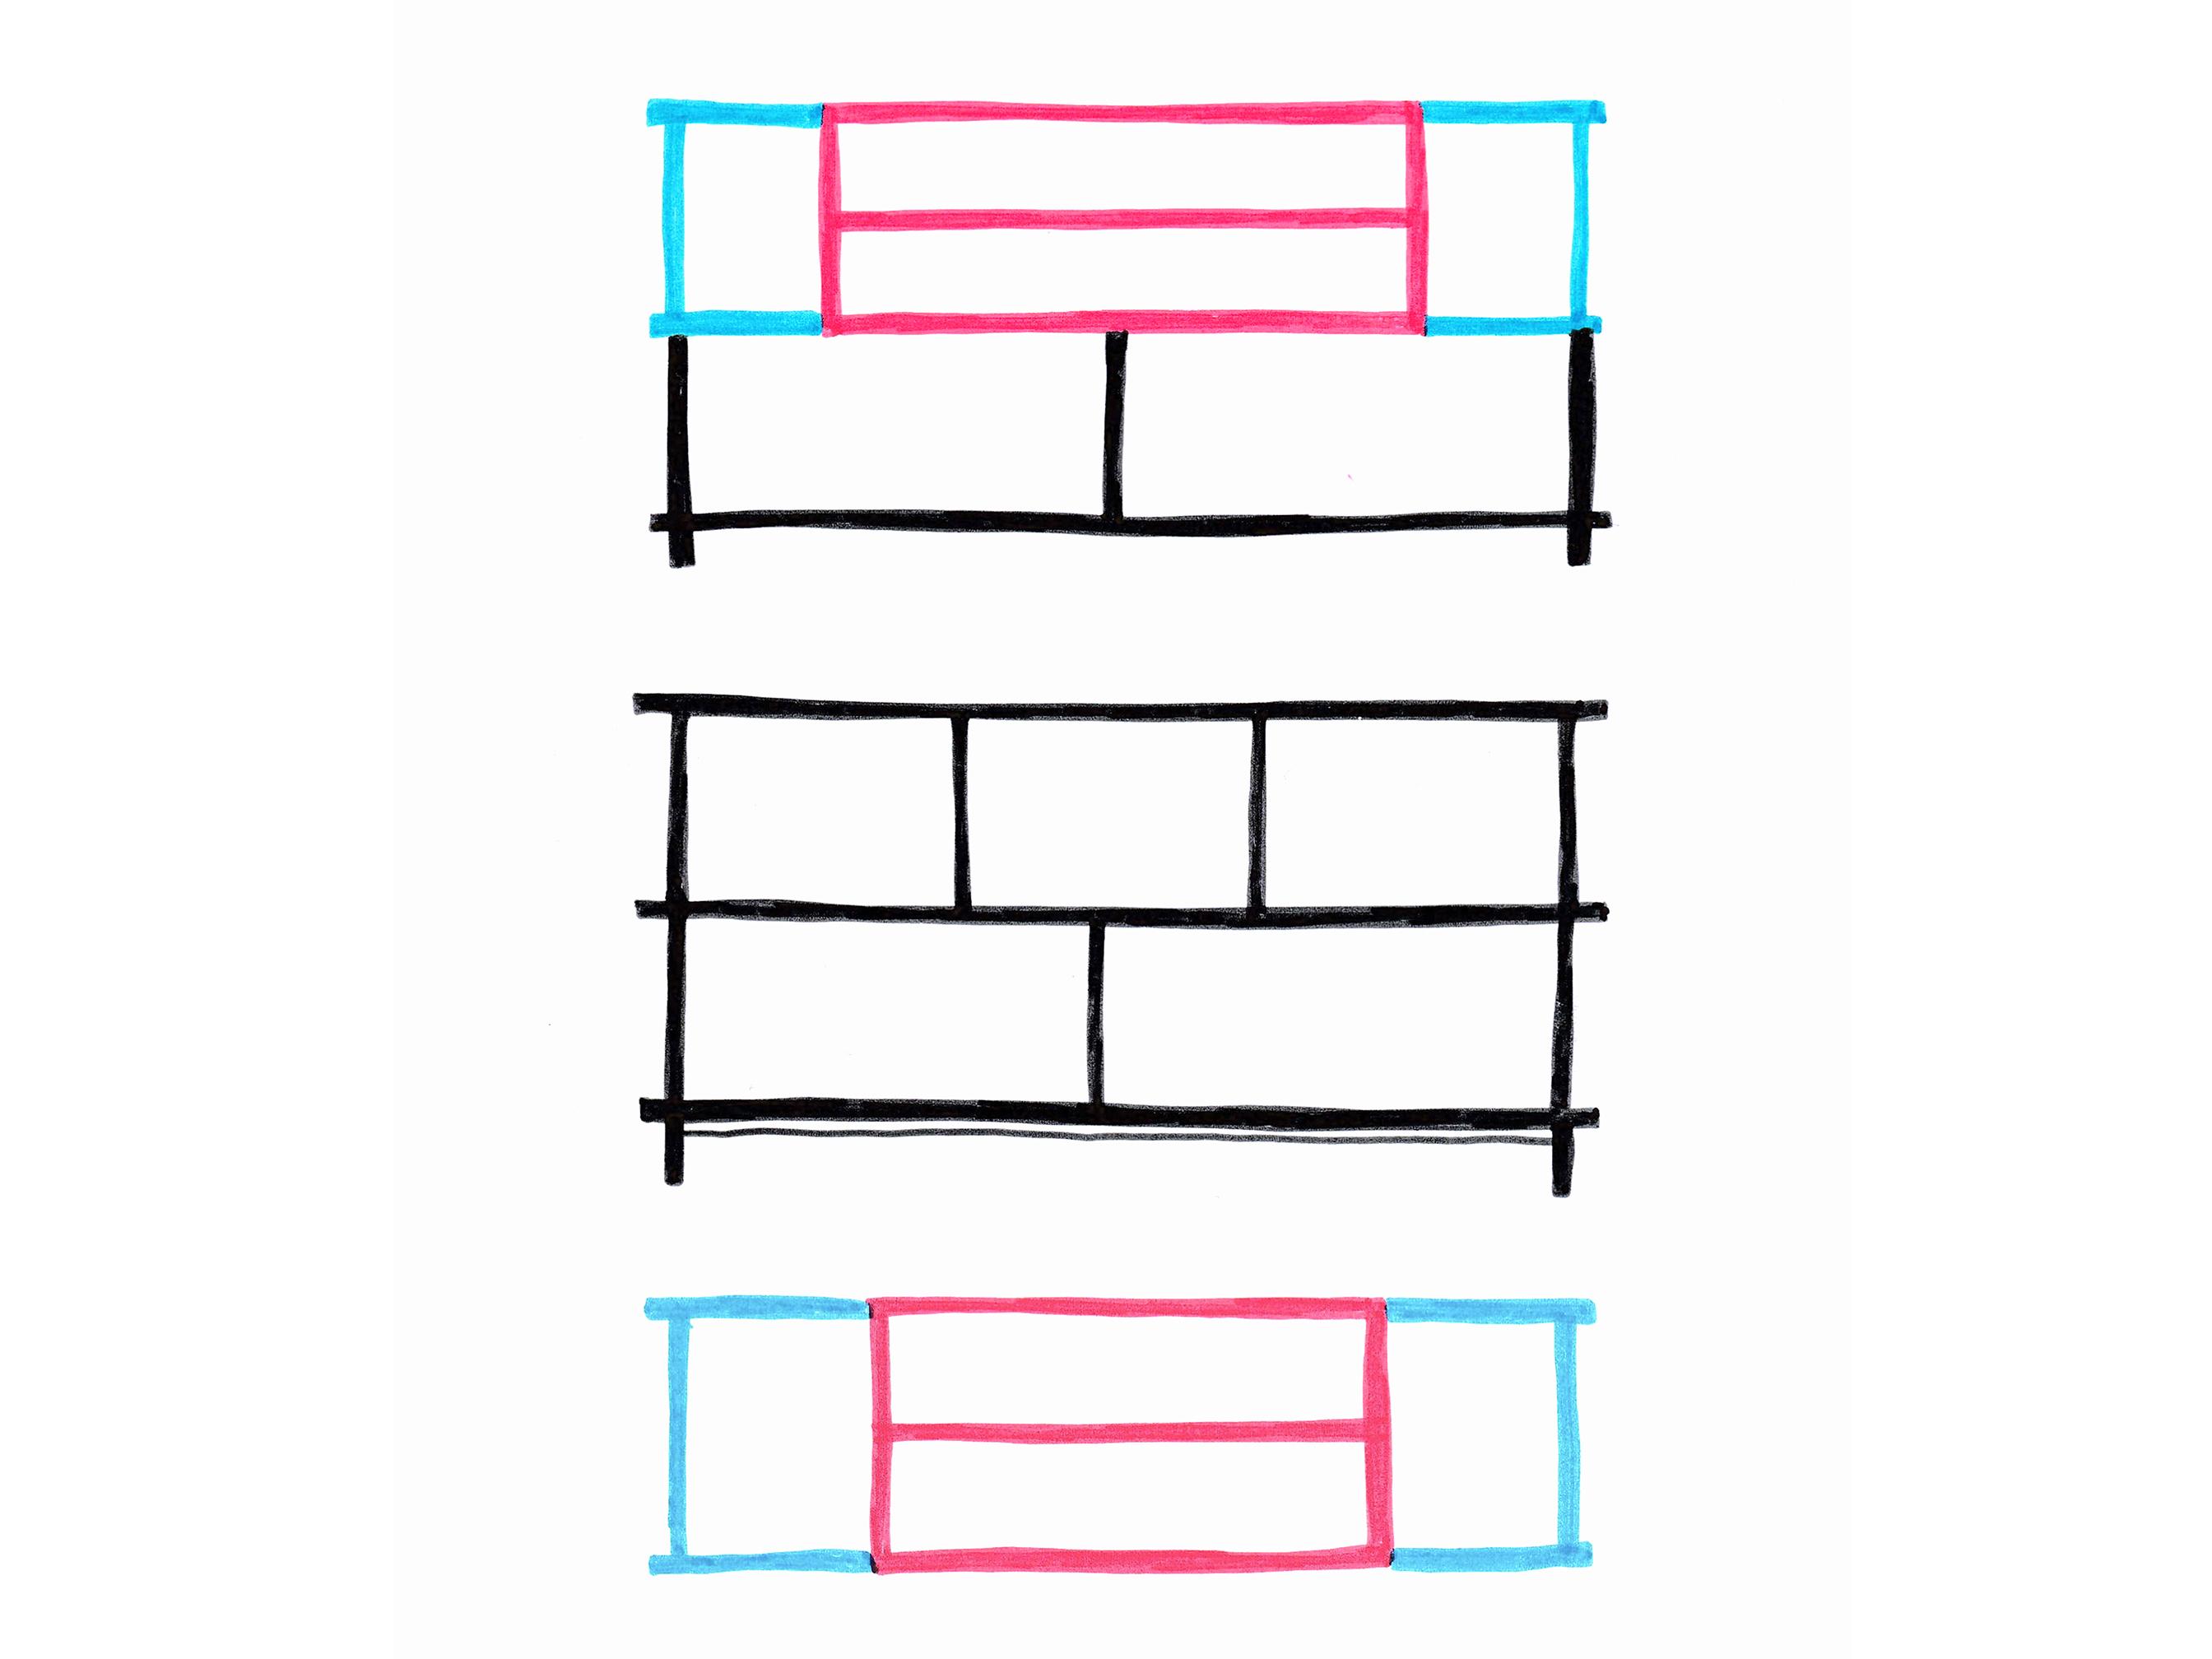 Le rangement Strat a été conçu comme un meuble architectural basé sur un principe d'assemblage simple.